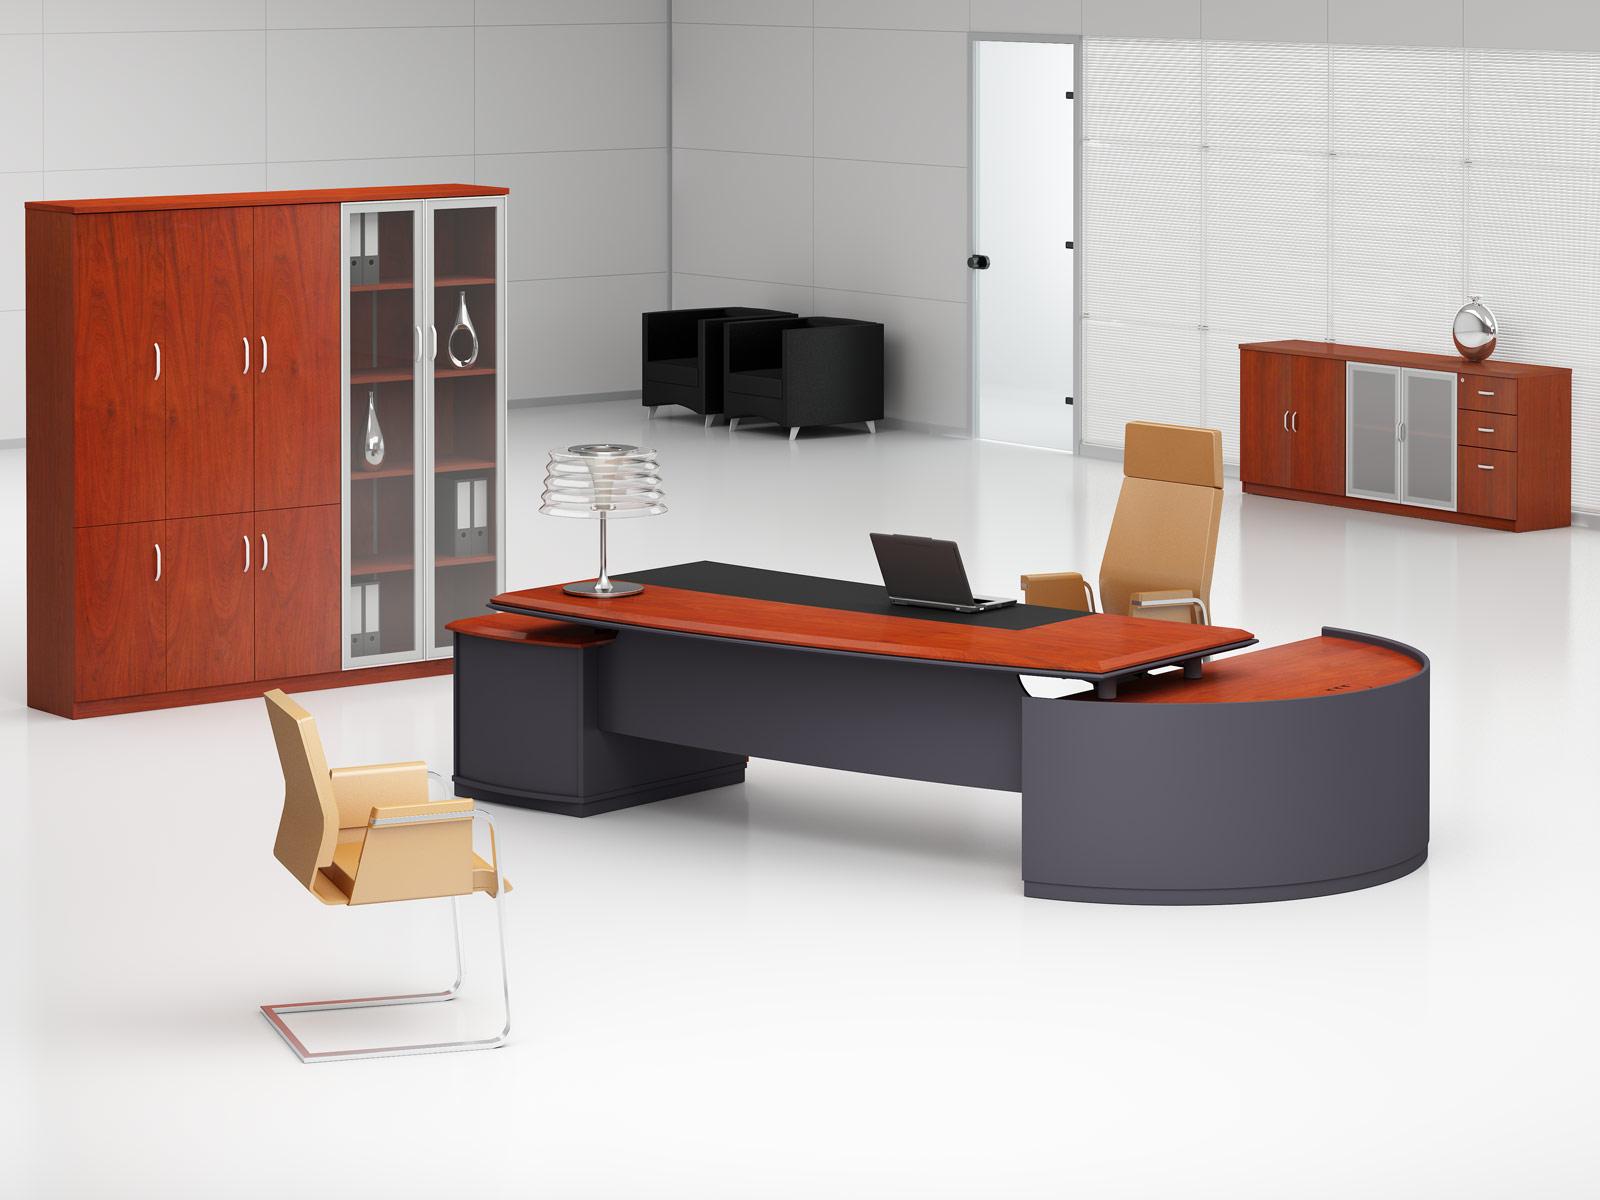 schreibtischkauf auch online ist eine finanzierung m glich b rom bel blog und ratgeber. Black Bedroom Furniture Sets. Home Design Ideas